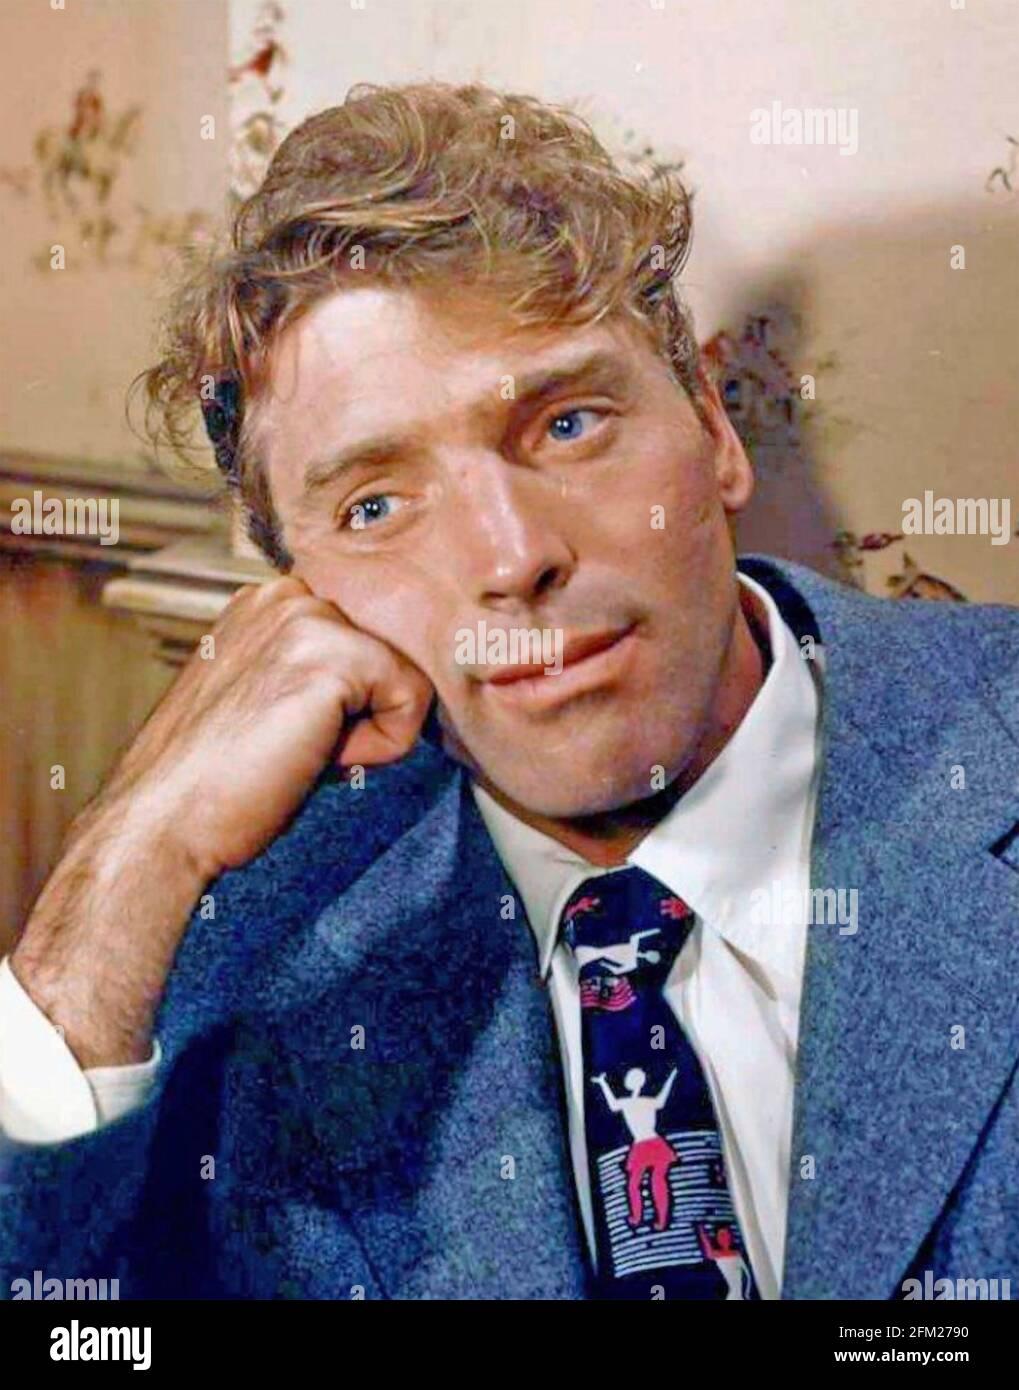 BURT LANCASTER (1§913-1994) amerikanischer Filmschauspieler und Produzent um 1947 Stockfoto